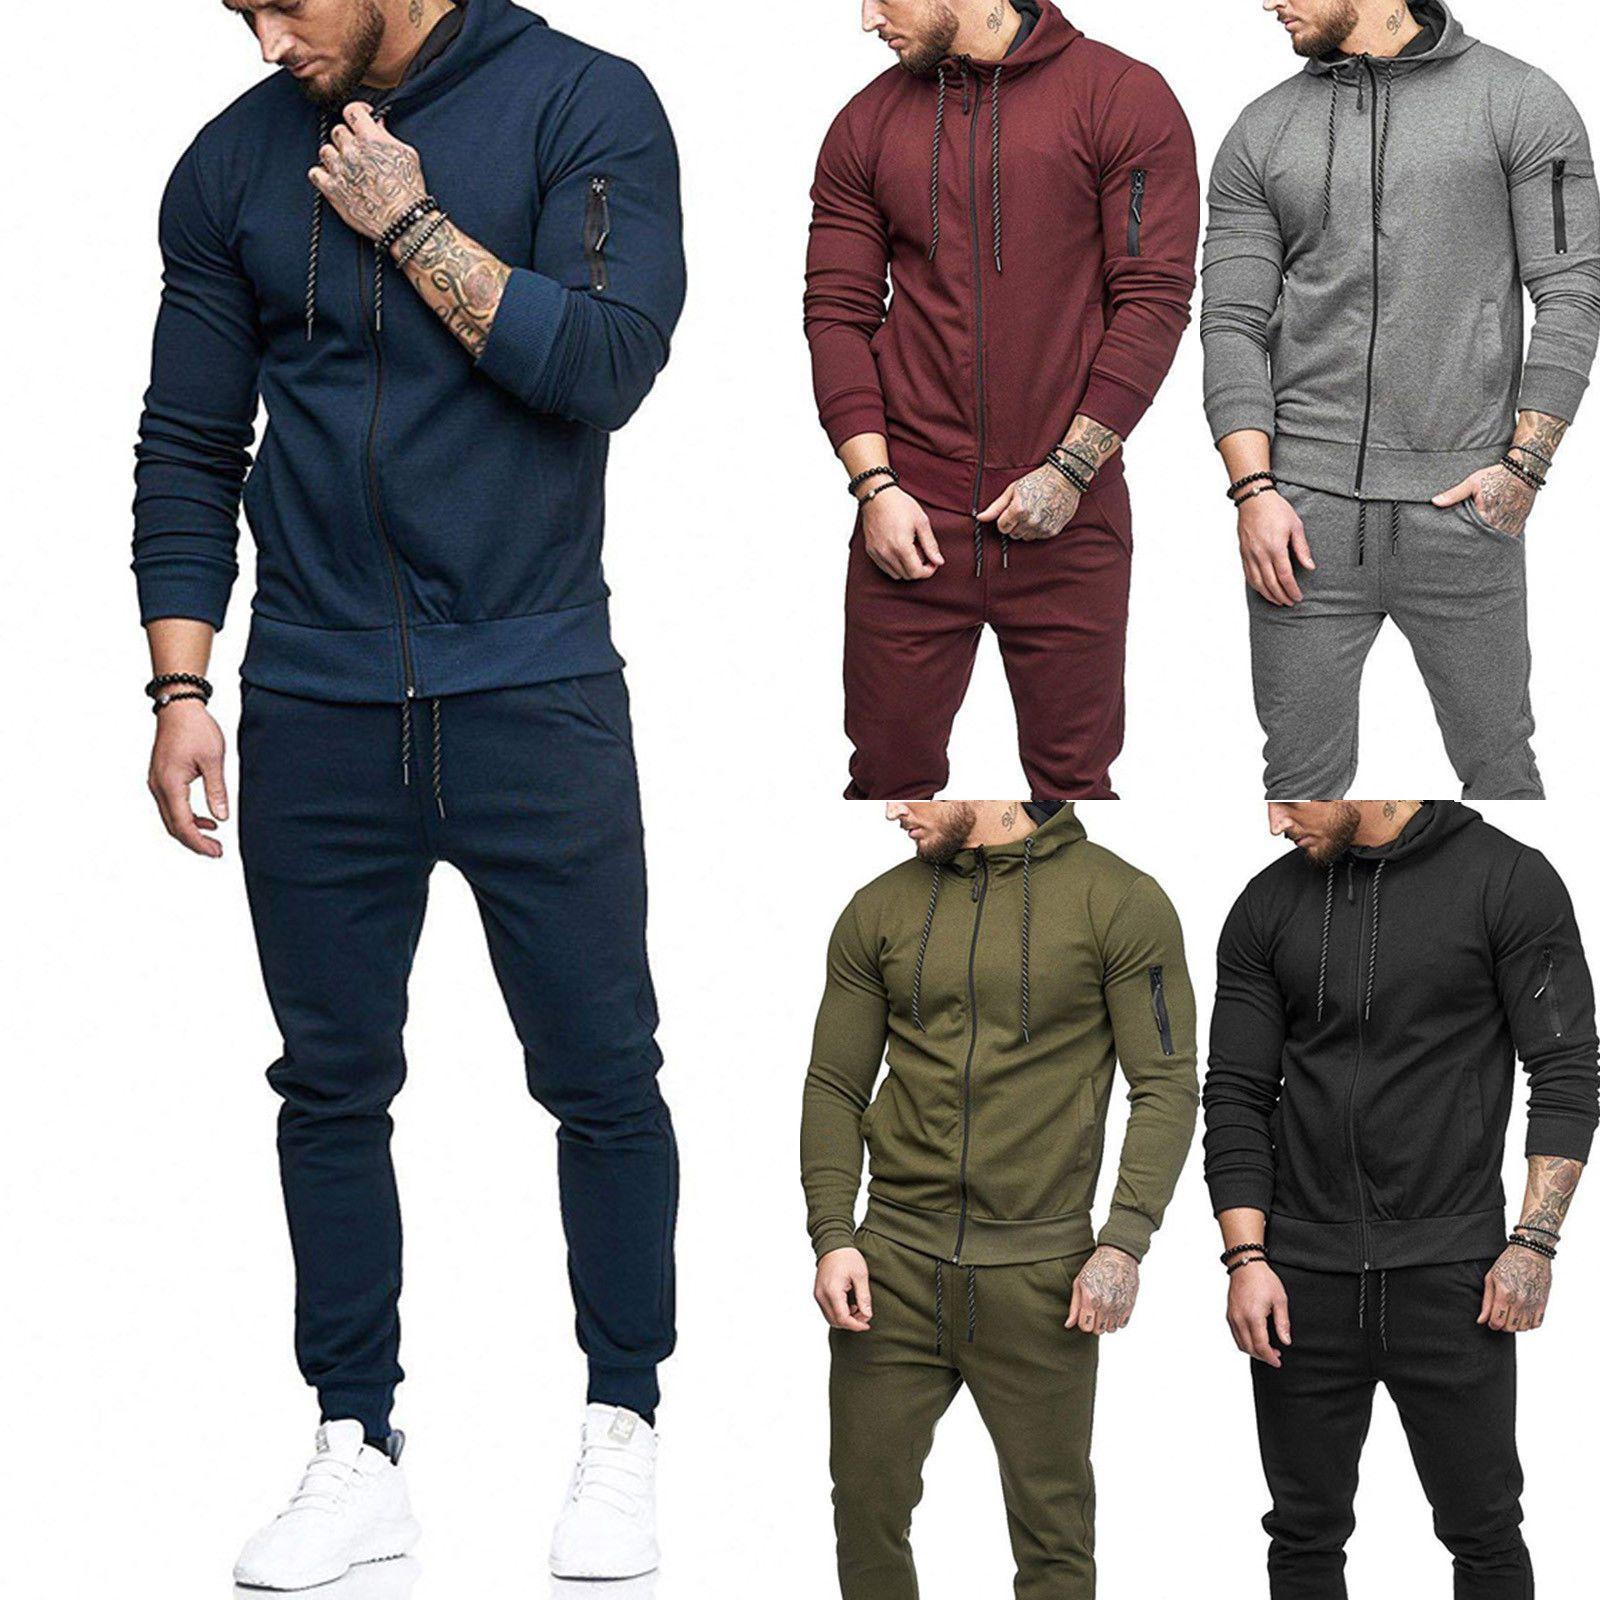 Men Tracksuit Set Hoodies Sweatsuit Autumn Slim Fit Jogger Sportswear Suit USA